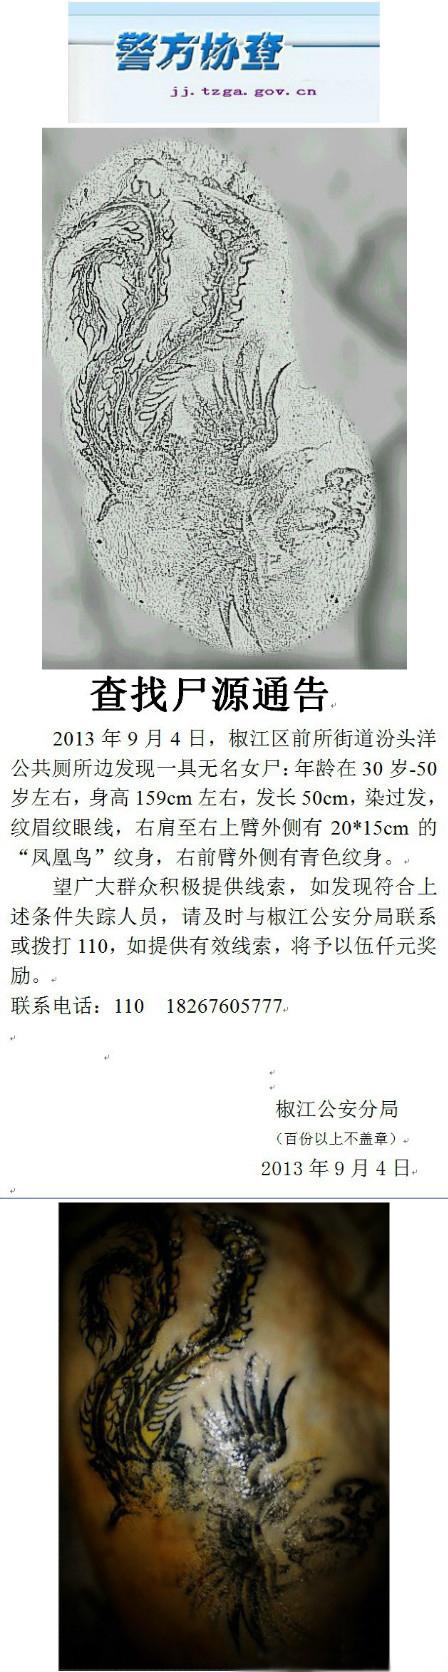 浙江台州公厕化粪池现纹身碎尸块 图为查找尸源通告,来自浙江台州椒江警方官方微博